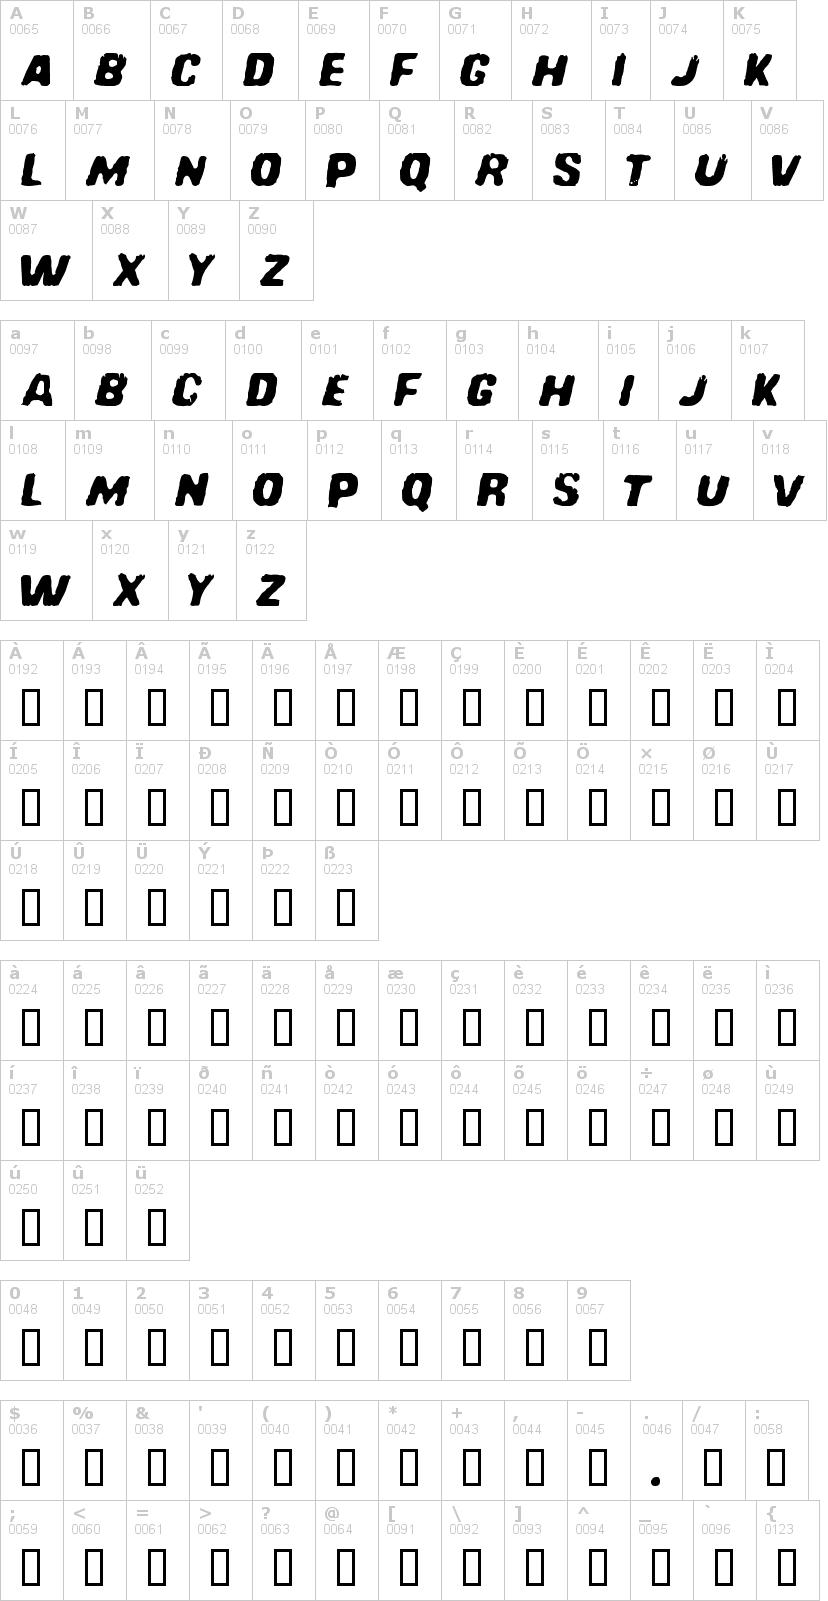 Lettere dell'alfabeto del font redcomet con le quali è possibile realizzare adesivi prespaziati